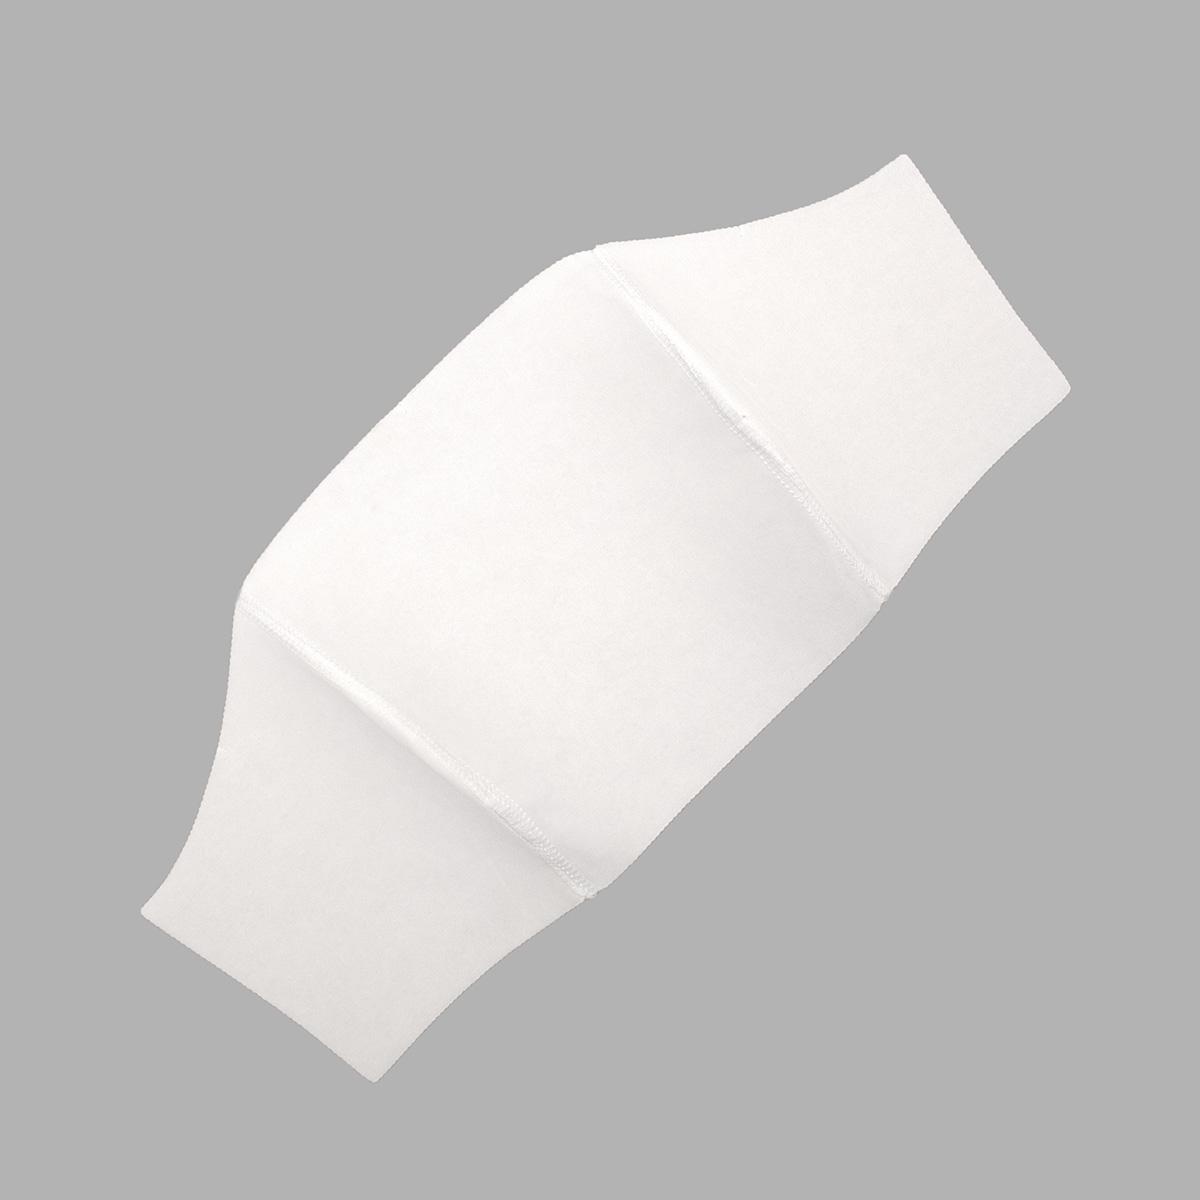 K-03.1032 (K-03.306) Вкладыш для корсетных изделий, белый, р. 46